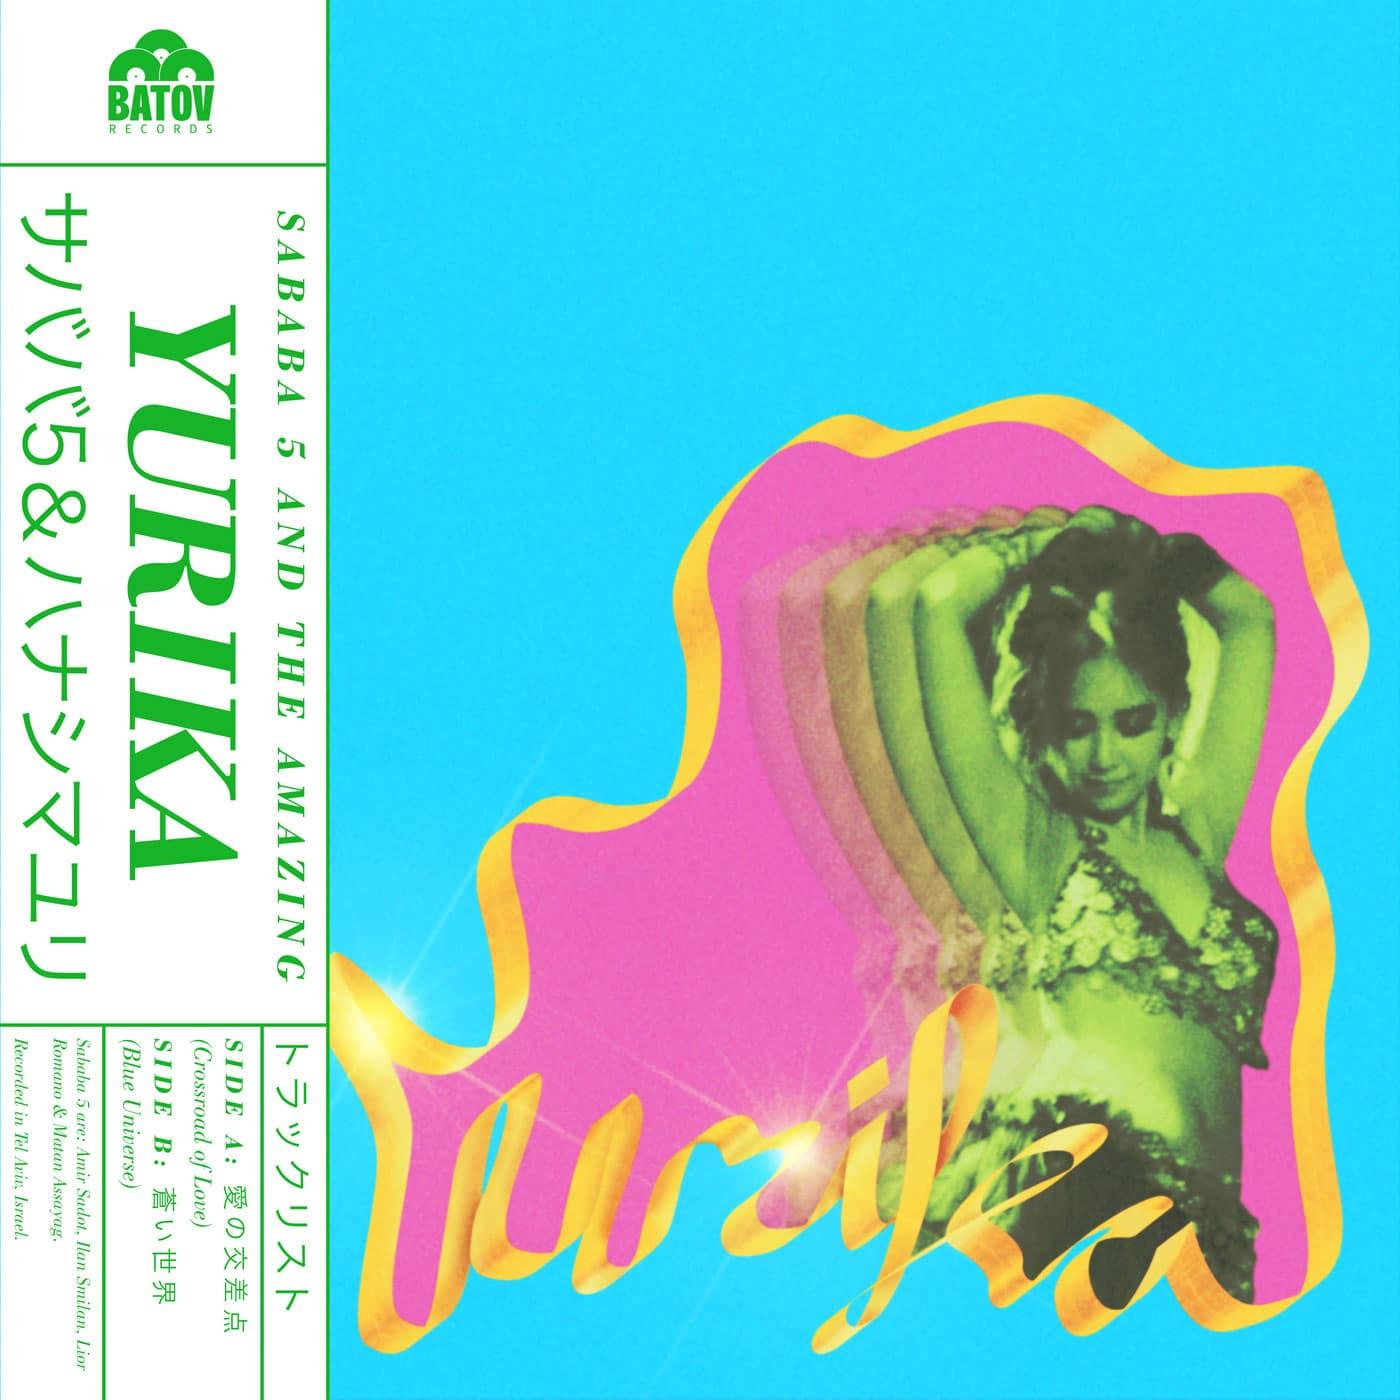 Sababa 5 feat. Yurika - Crossroad of Love 1